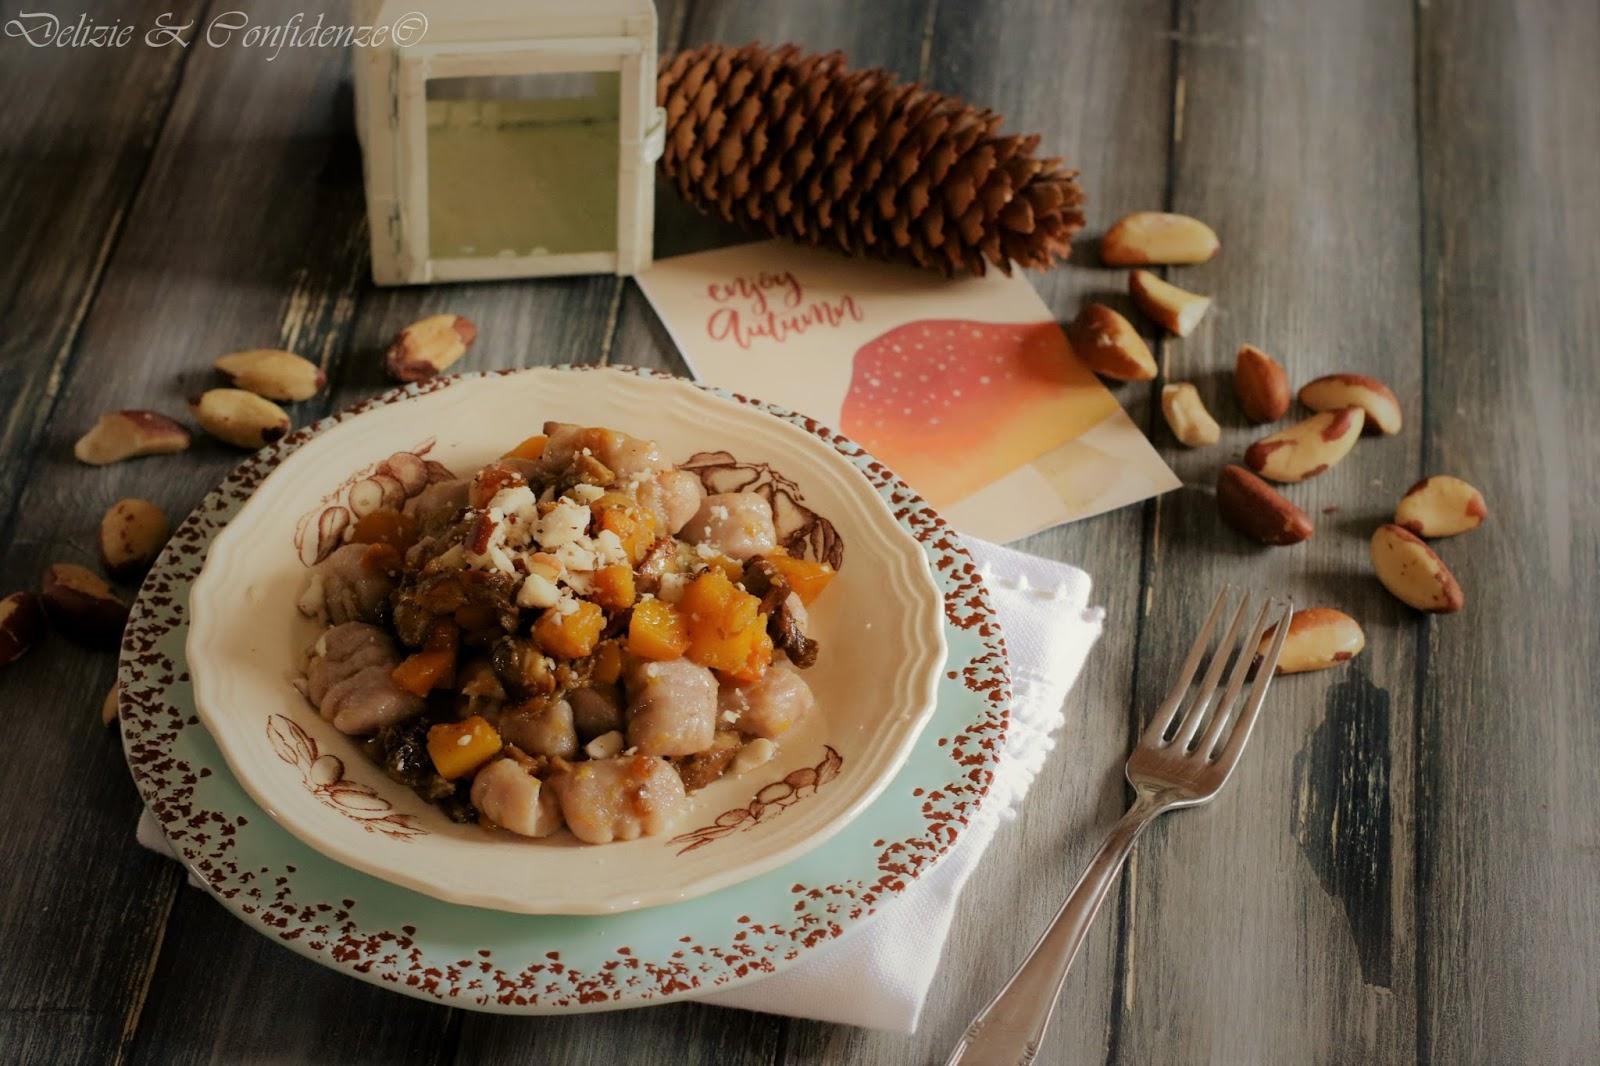 Ricetta Gnocchi Patate E Farina Di Castagne.Gnocchi Di Patate E Farina Di Castagne Con Funghi Porcini E Zucca Delizie Confidenze